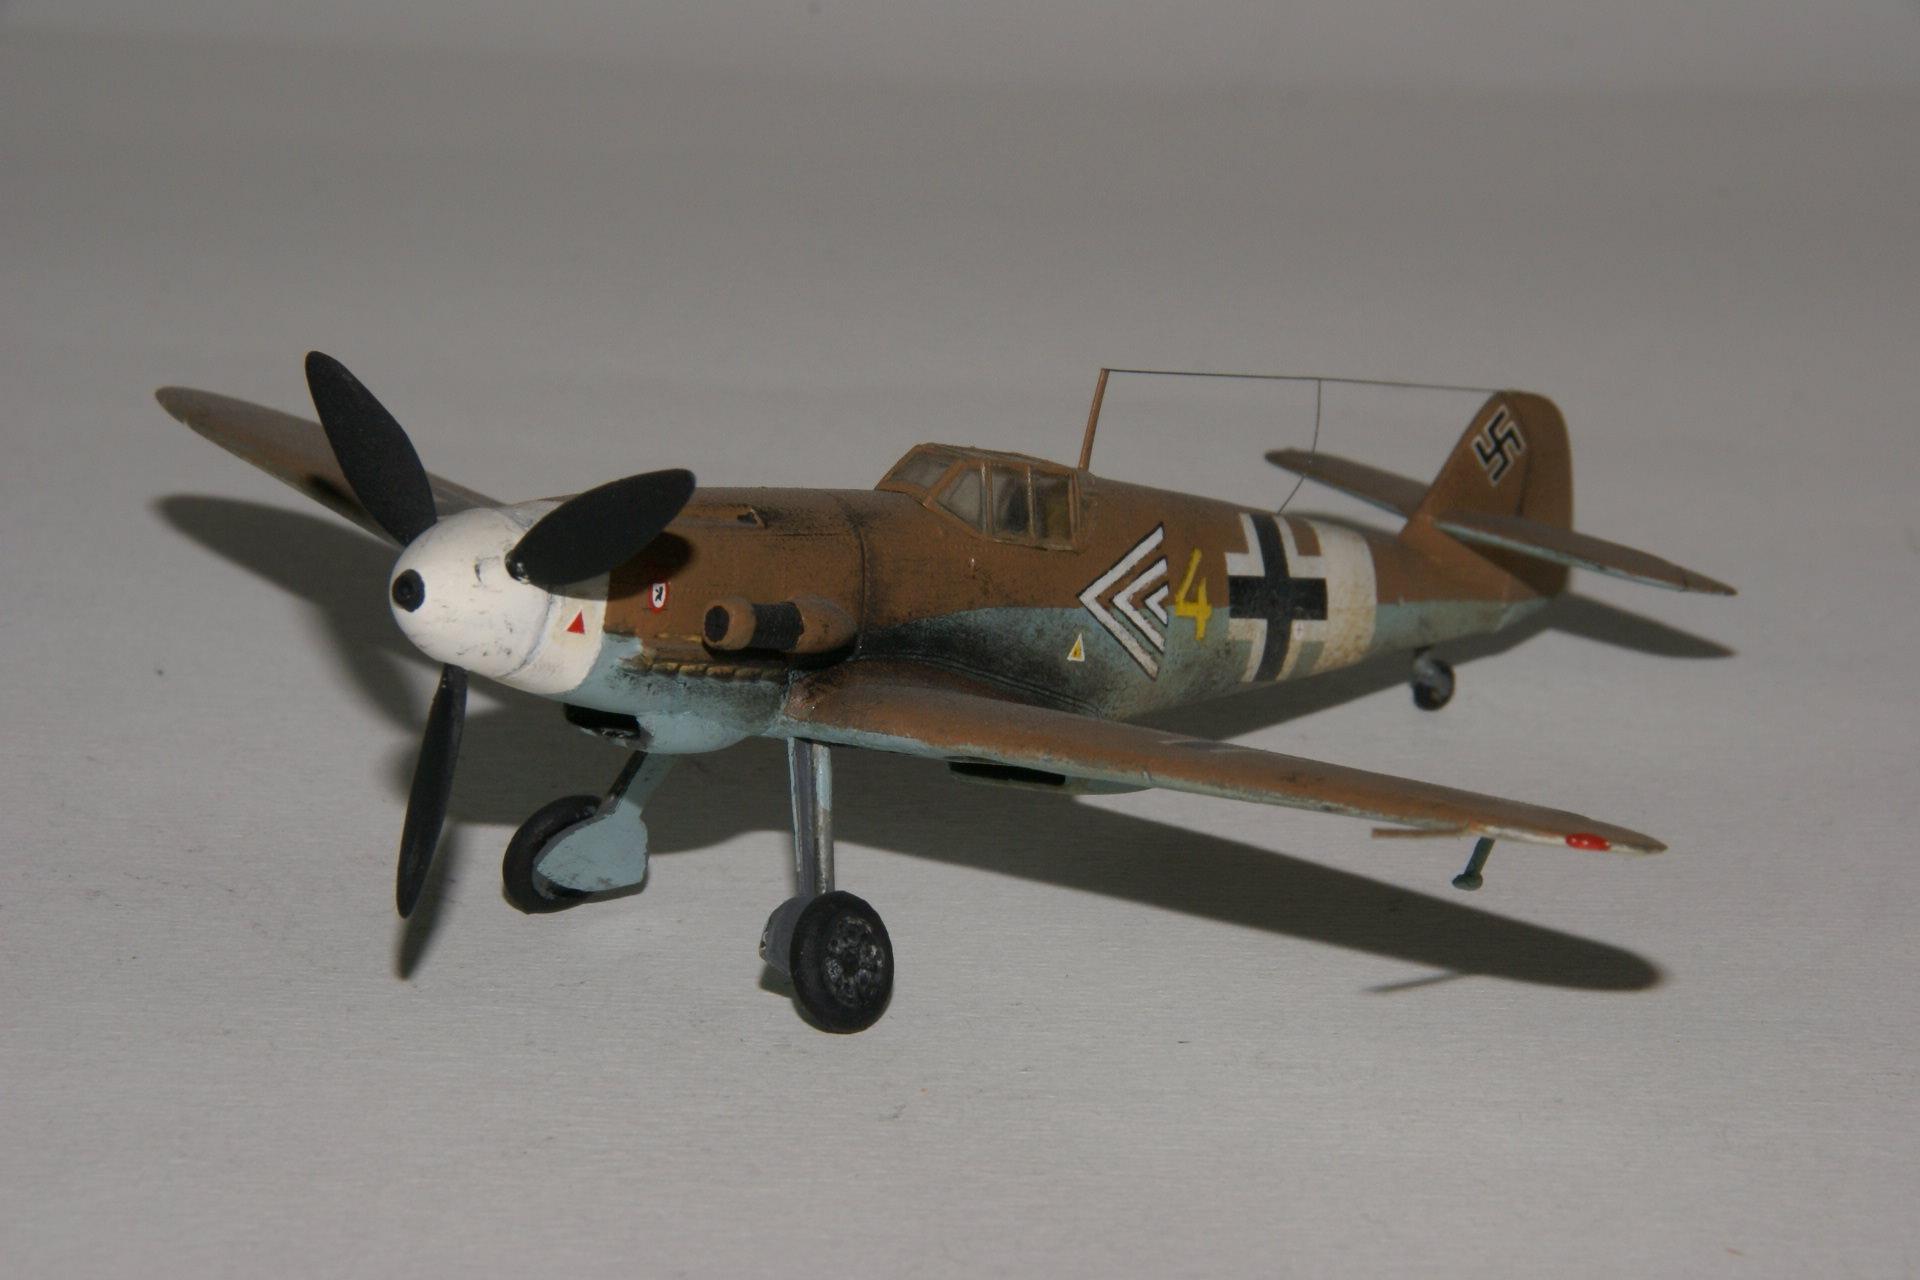 Messerschmitt 109g 4 trop 1